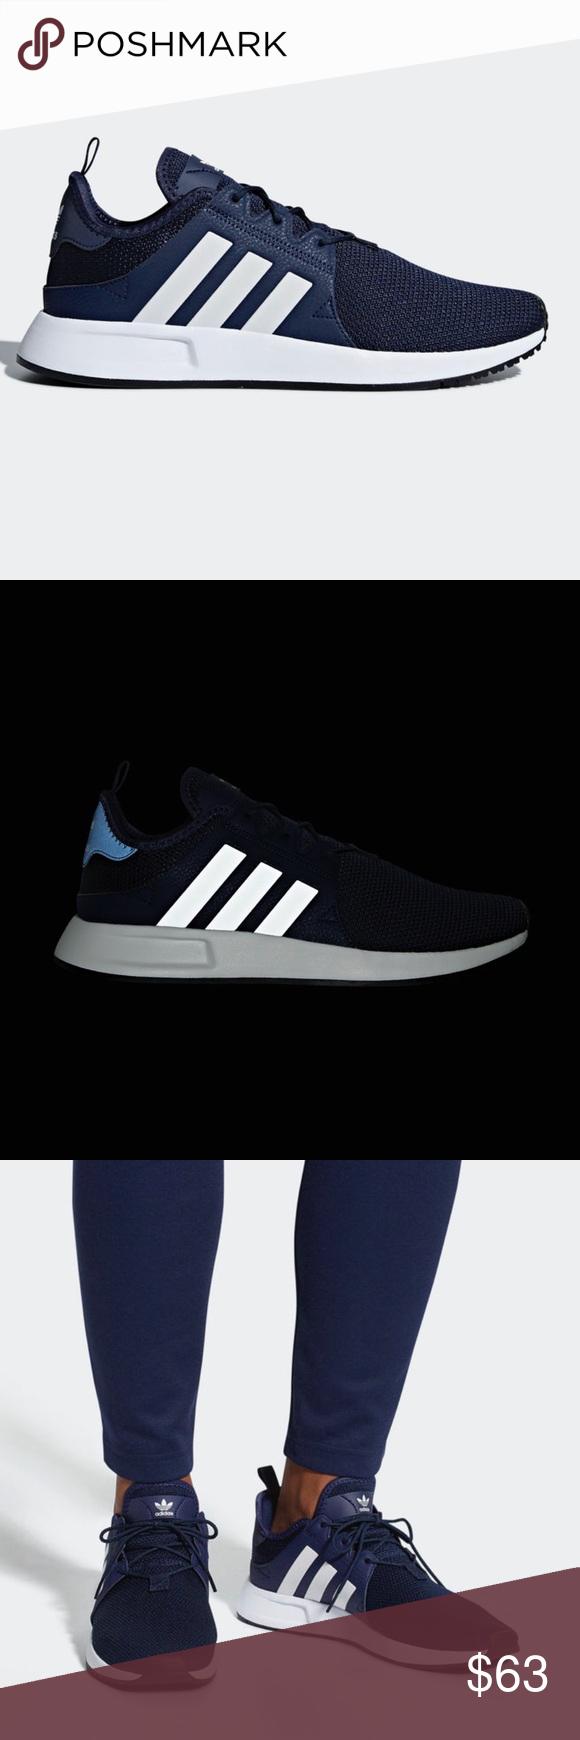 new product df3ce b8a49 Adidas MEN'S X_PLR SHOES CQ2407 B6,9,23,53 MEN'S X_PLR SHOES ...